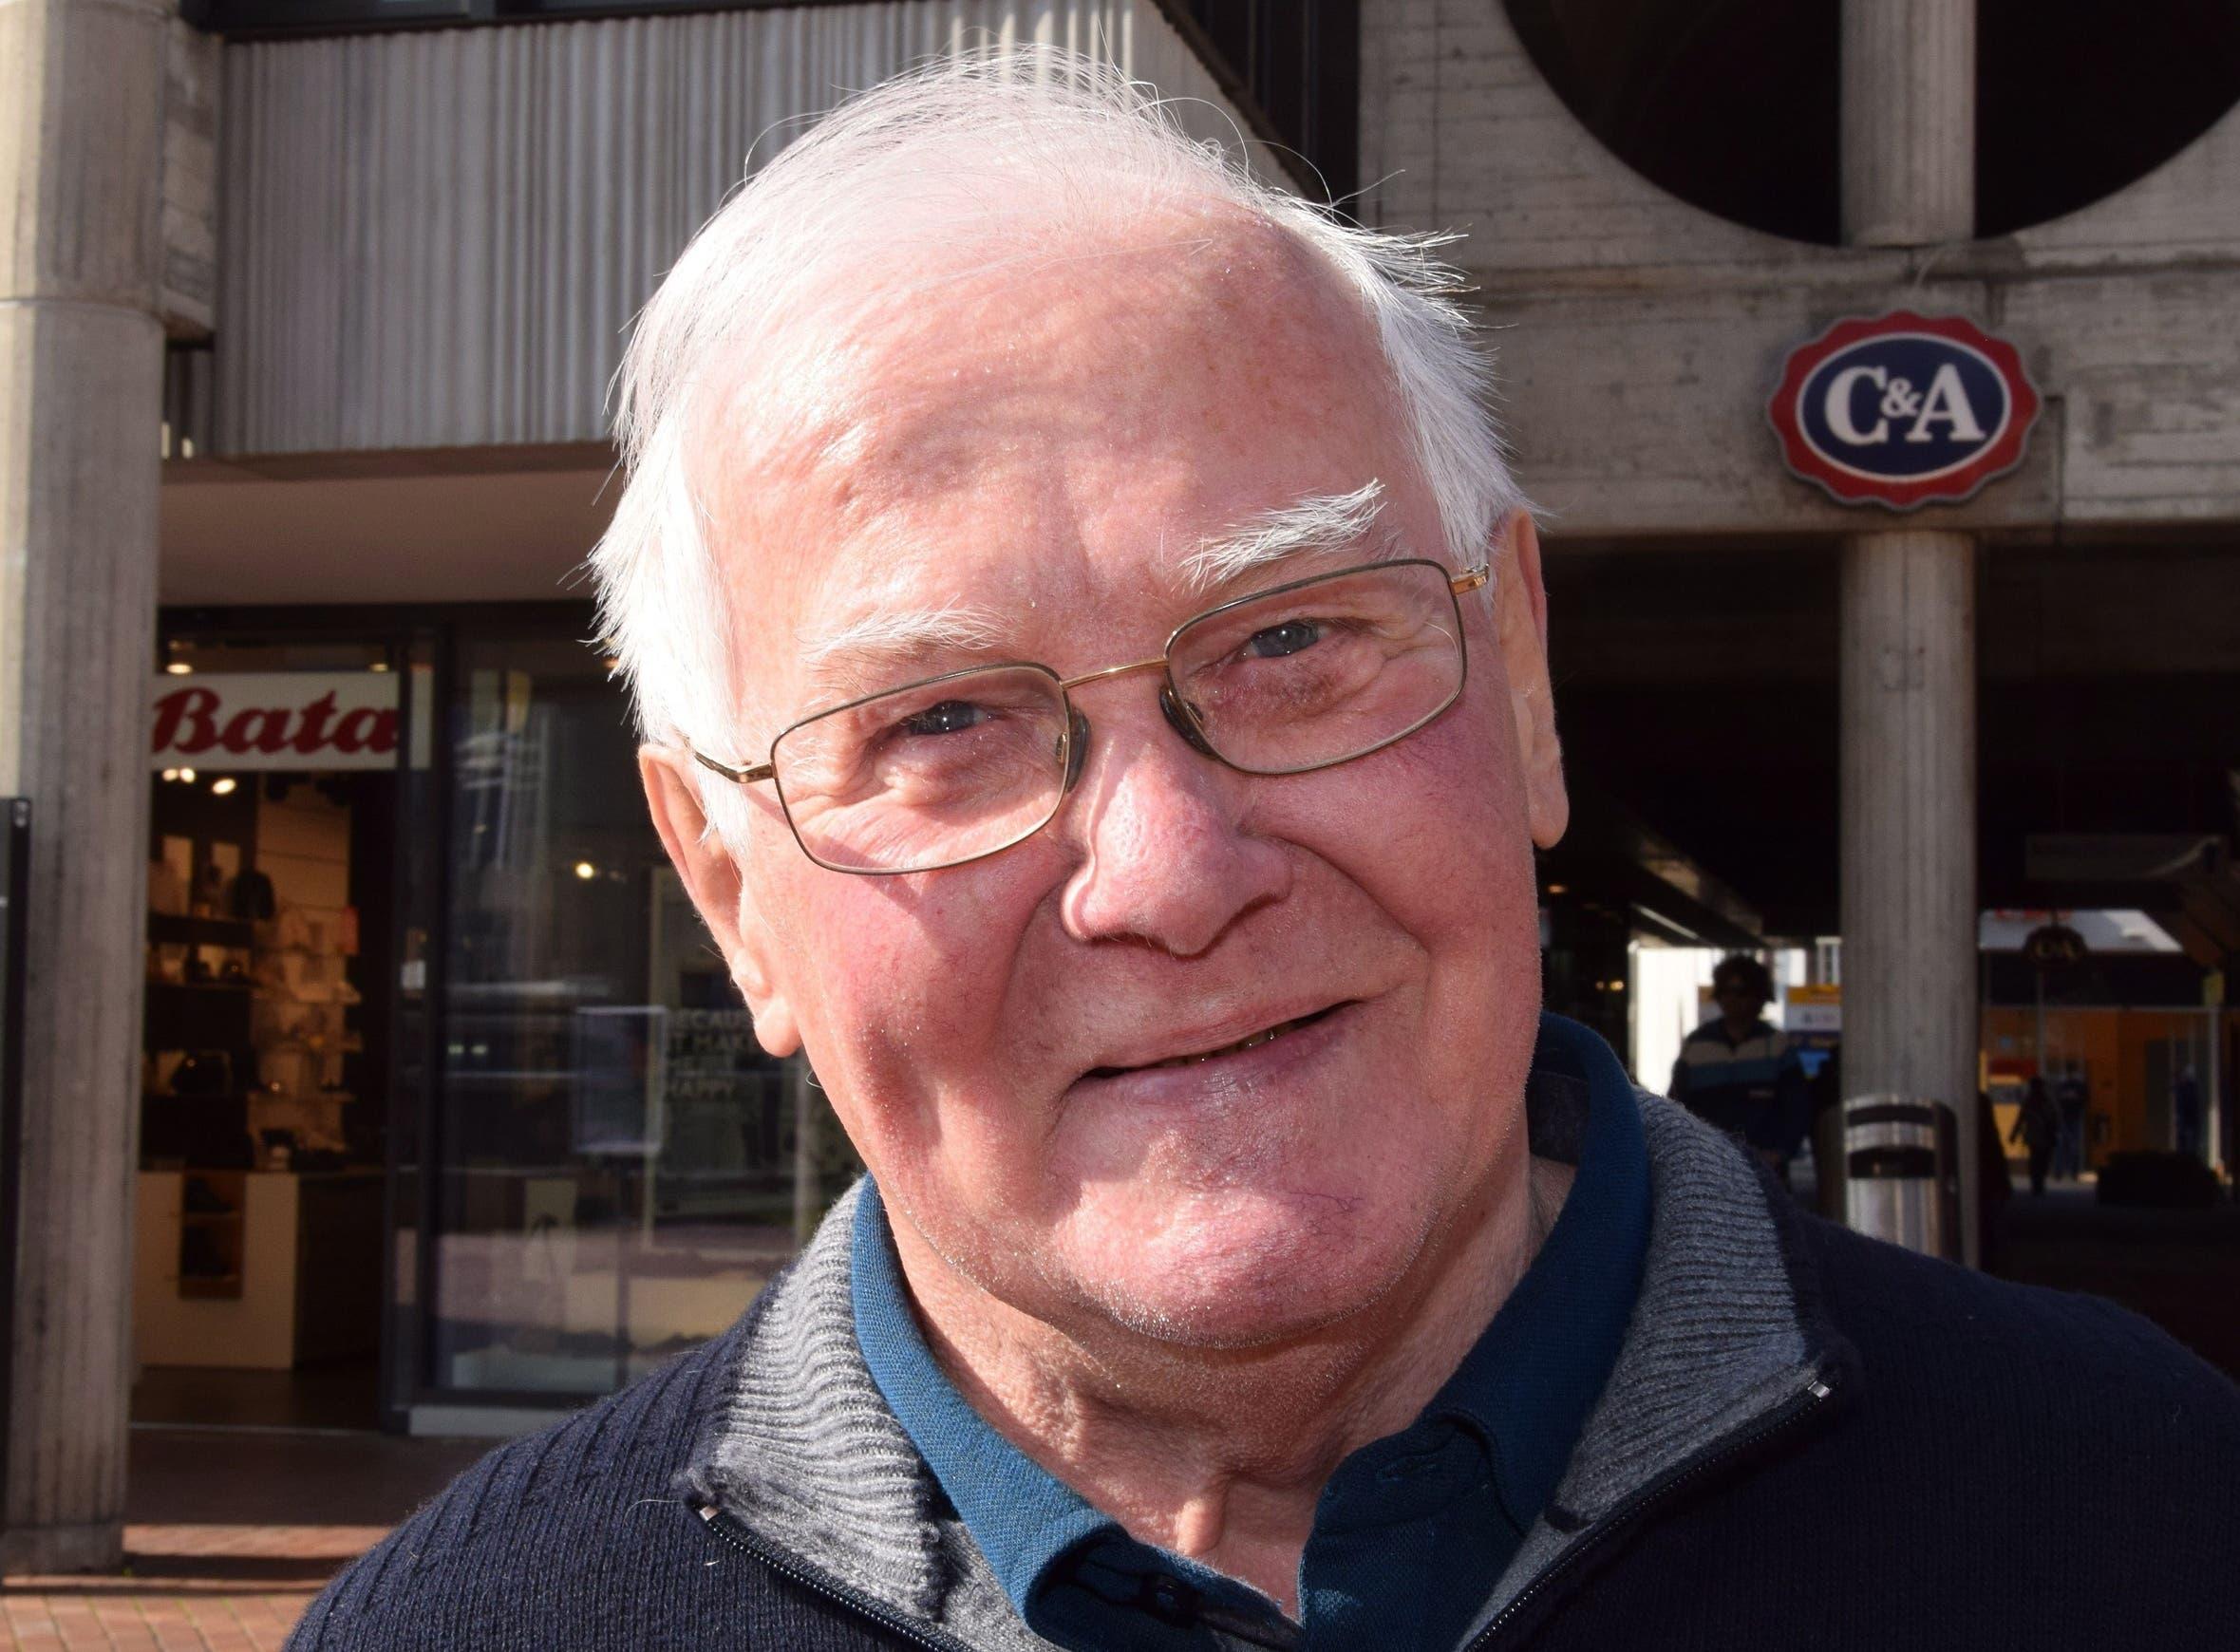 Heinz Stucki, 76, Brugg «Ich finde es schade, dass ich nach Würenlingen fahren muss. Nun baut die Migros in Brugg um, aber solche Bedarfsartikel werden danach nicht angeboten – obwohl die Nachfrage da ist.»